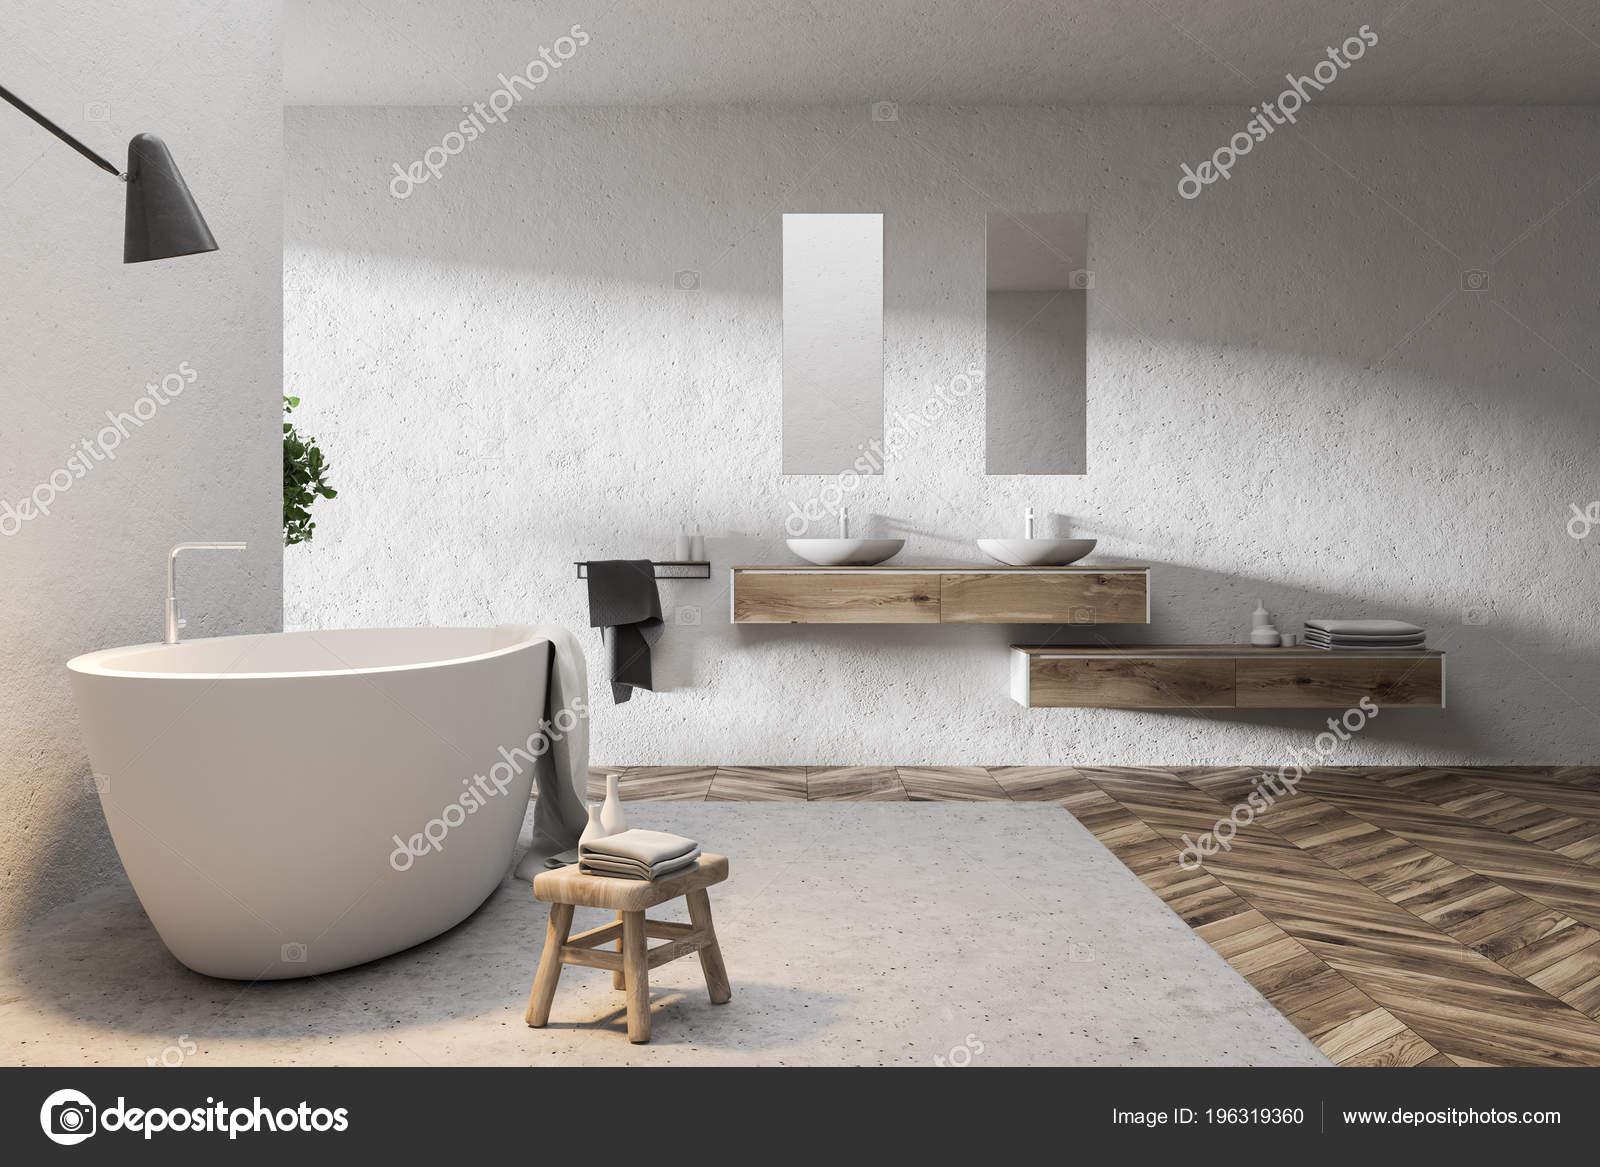 Double Évier Salle Bain Blanc Intérieur Avec Plancher Bois ...